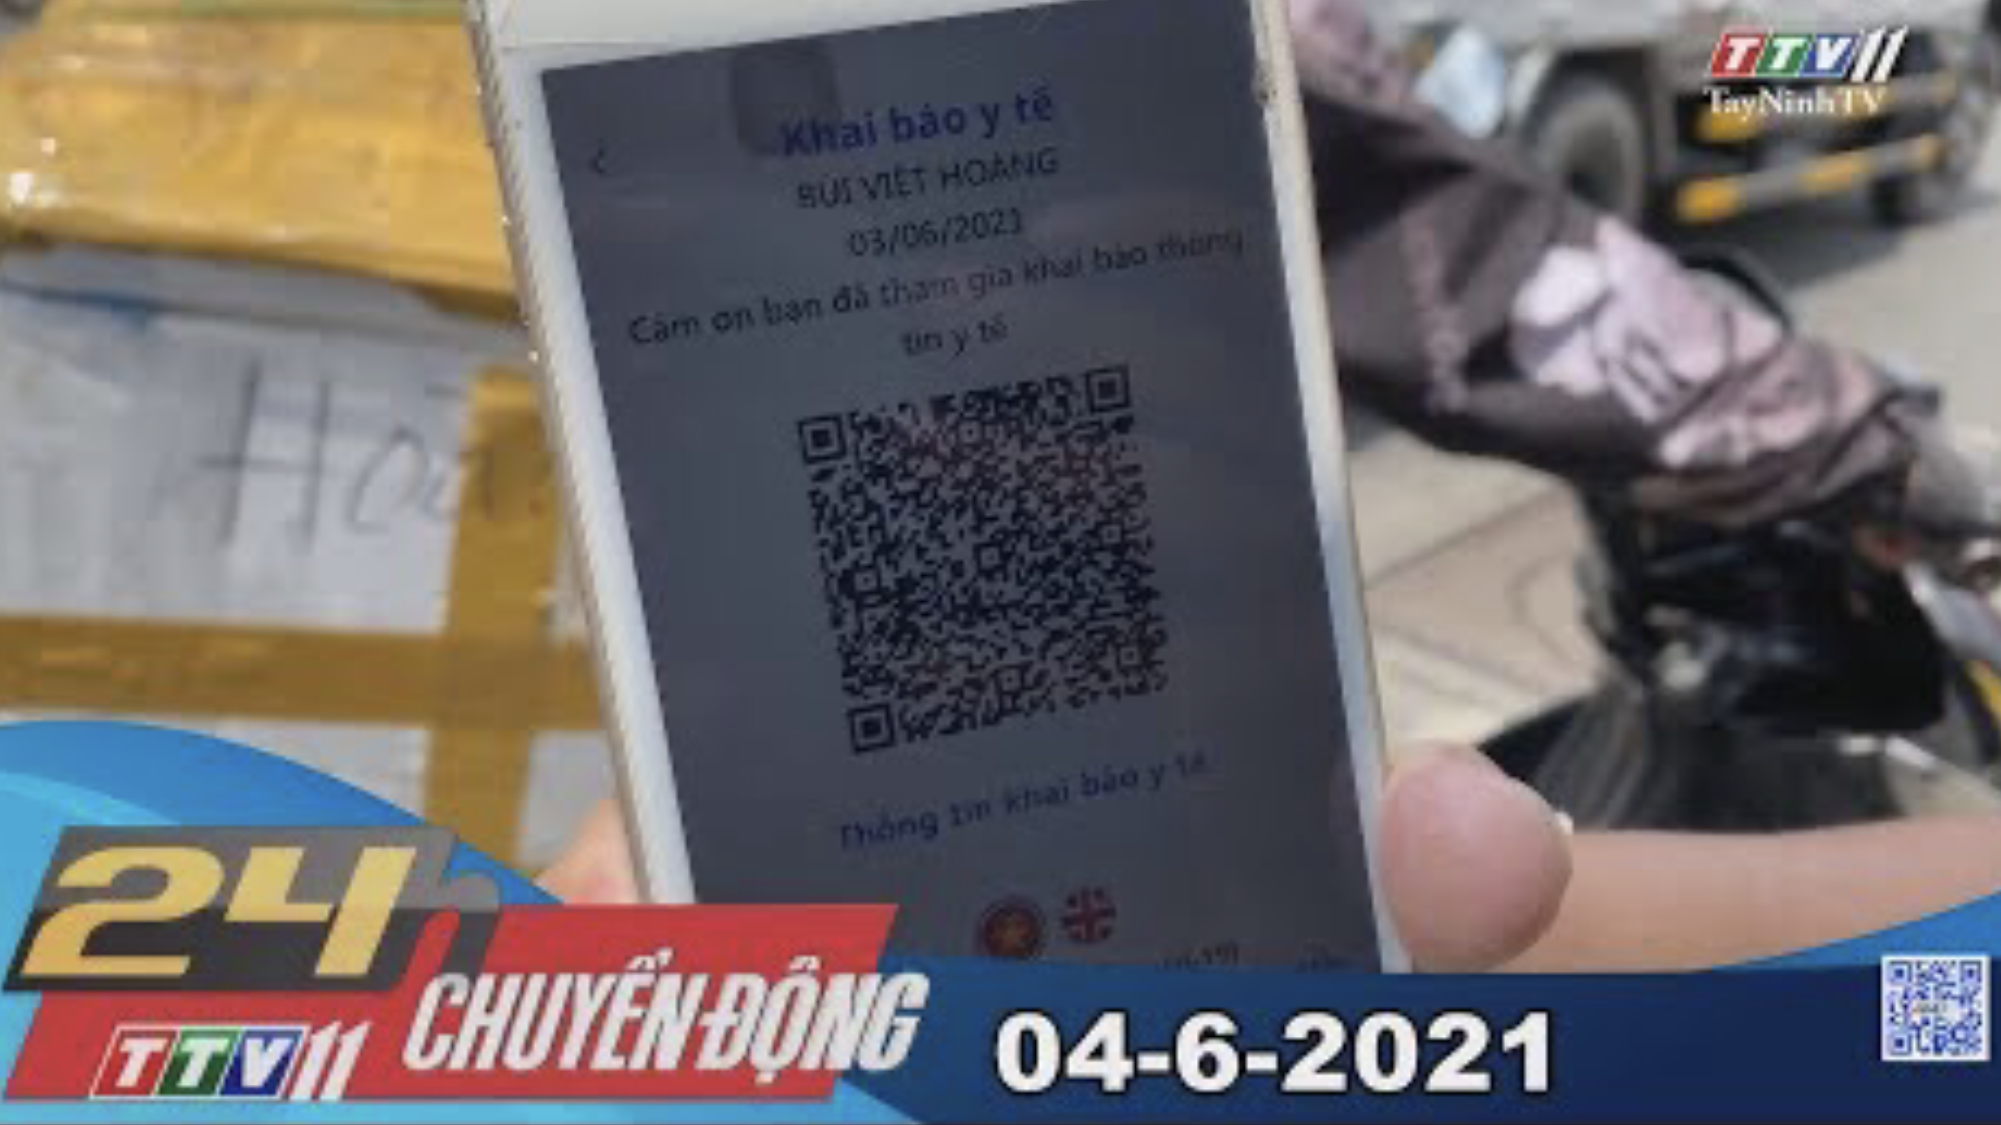 24h Chuyển động 04-6-2021 | Tin tức hôm nay | TayNinhTV